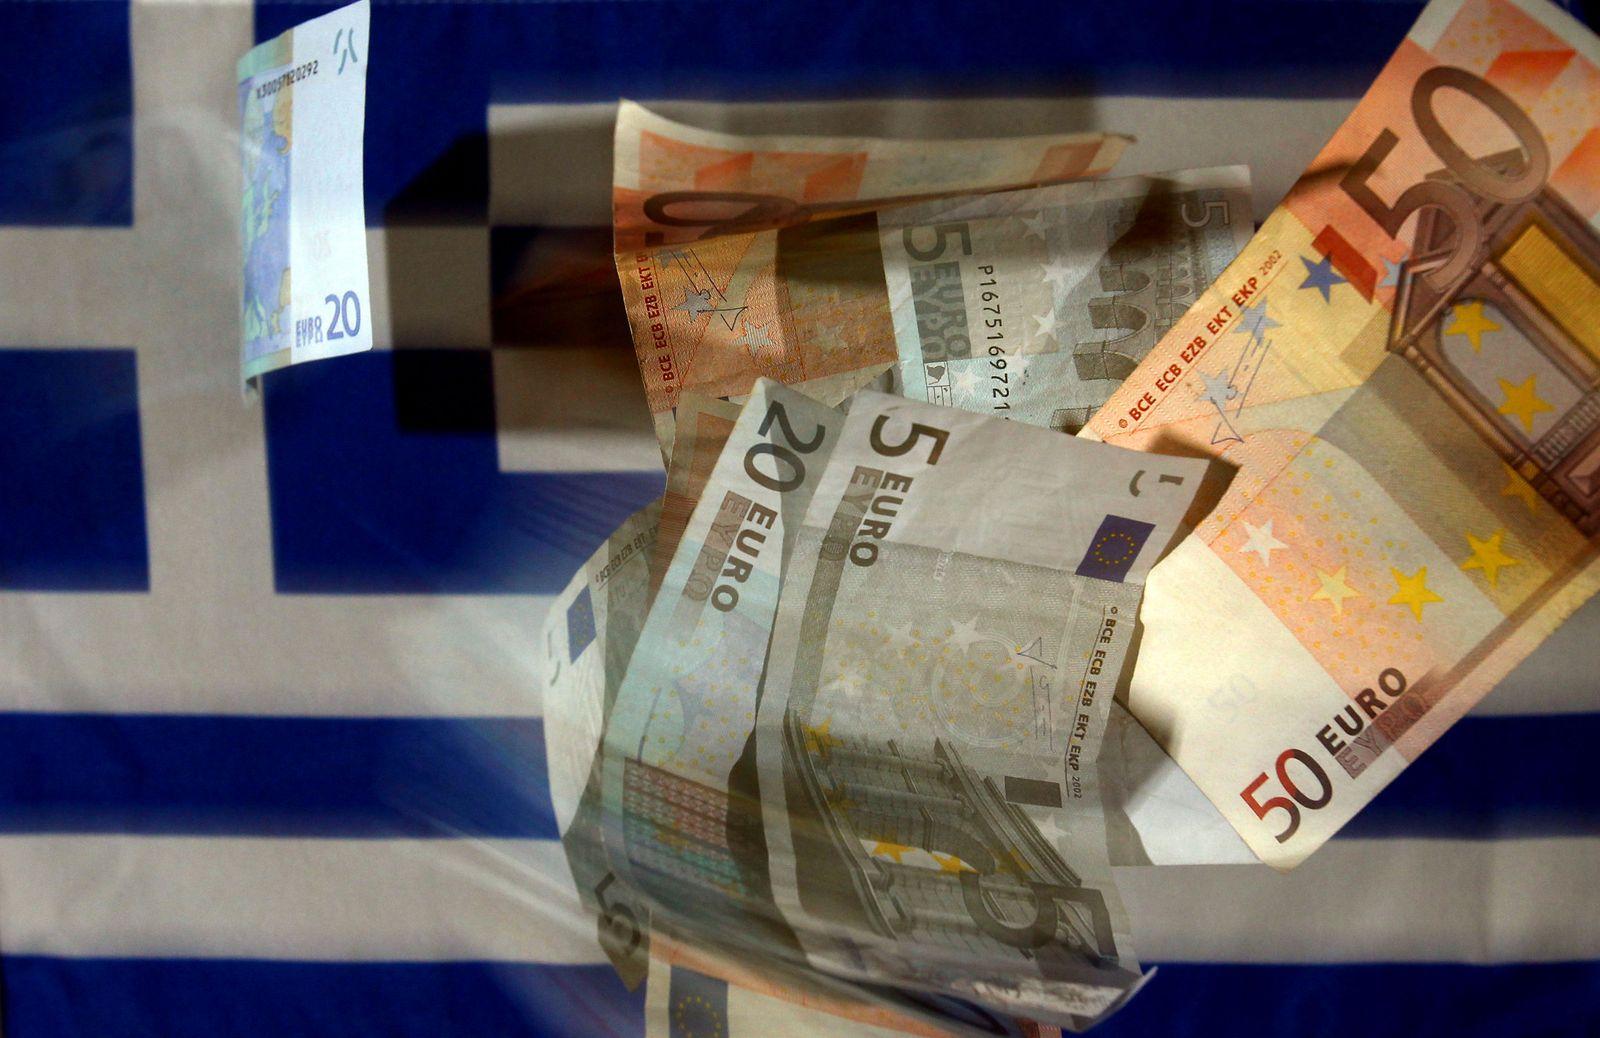 Euro-Banknoten und griechische Fahne